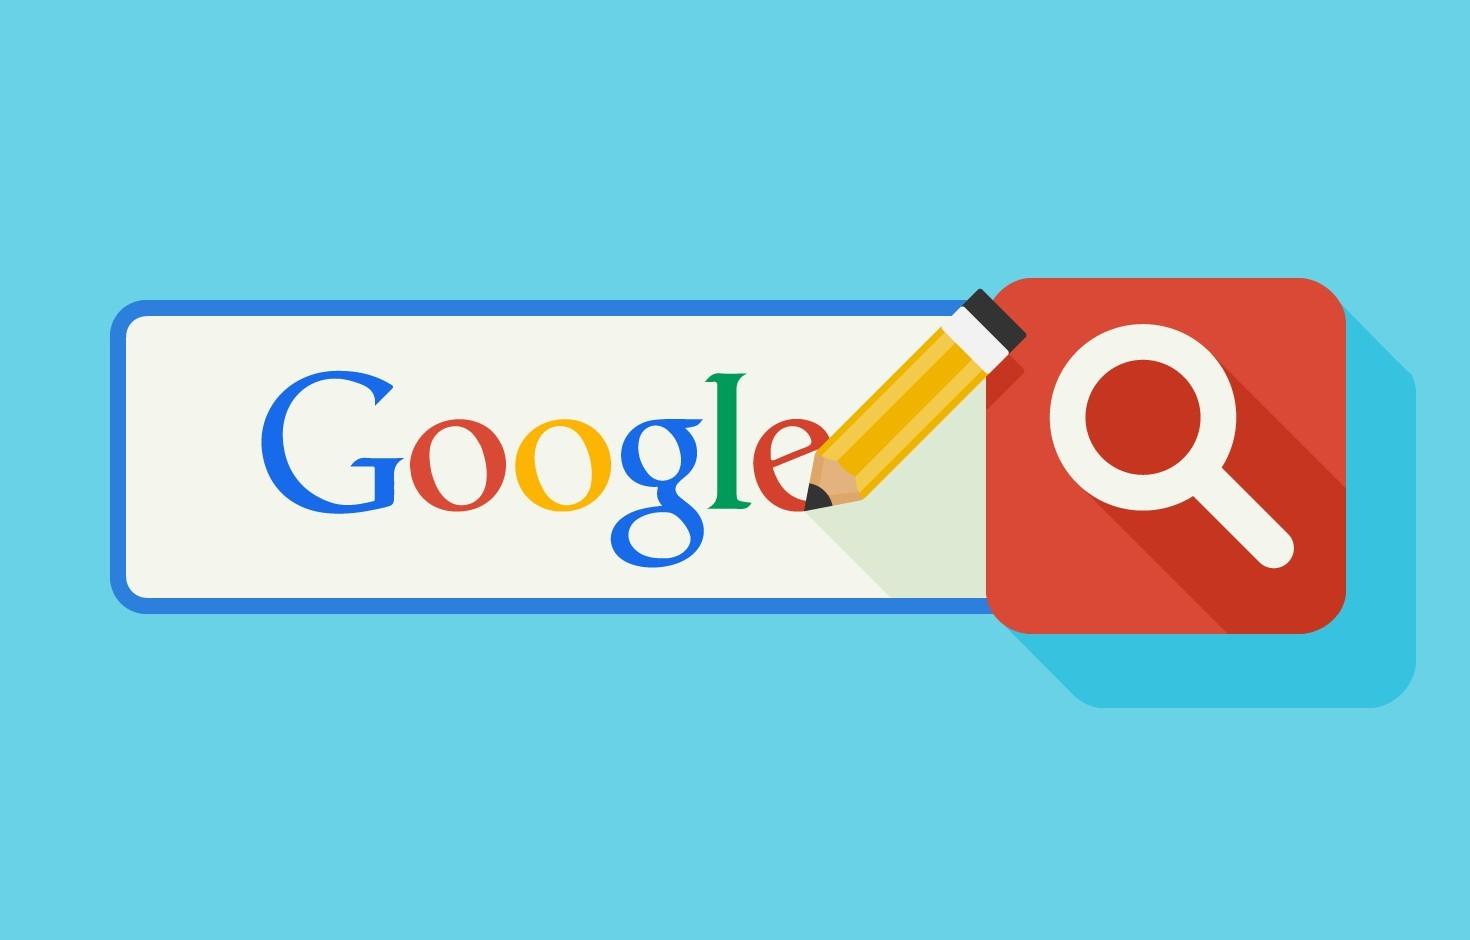 Google Search cập nhật phiên bản mới: nhẹ hơn, giao diện đẹp hơn, thử nghiệm trên một số quốc gia